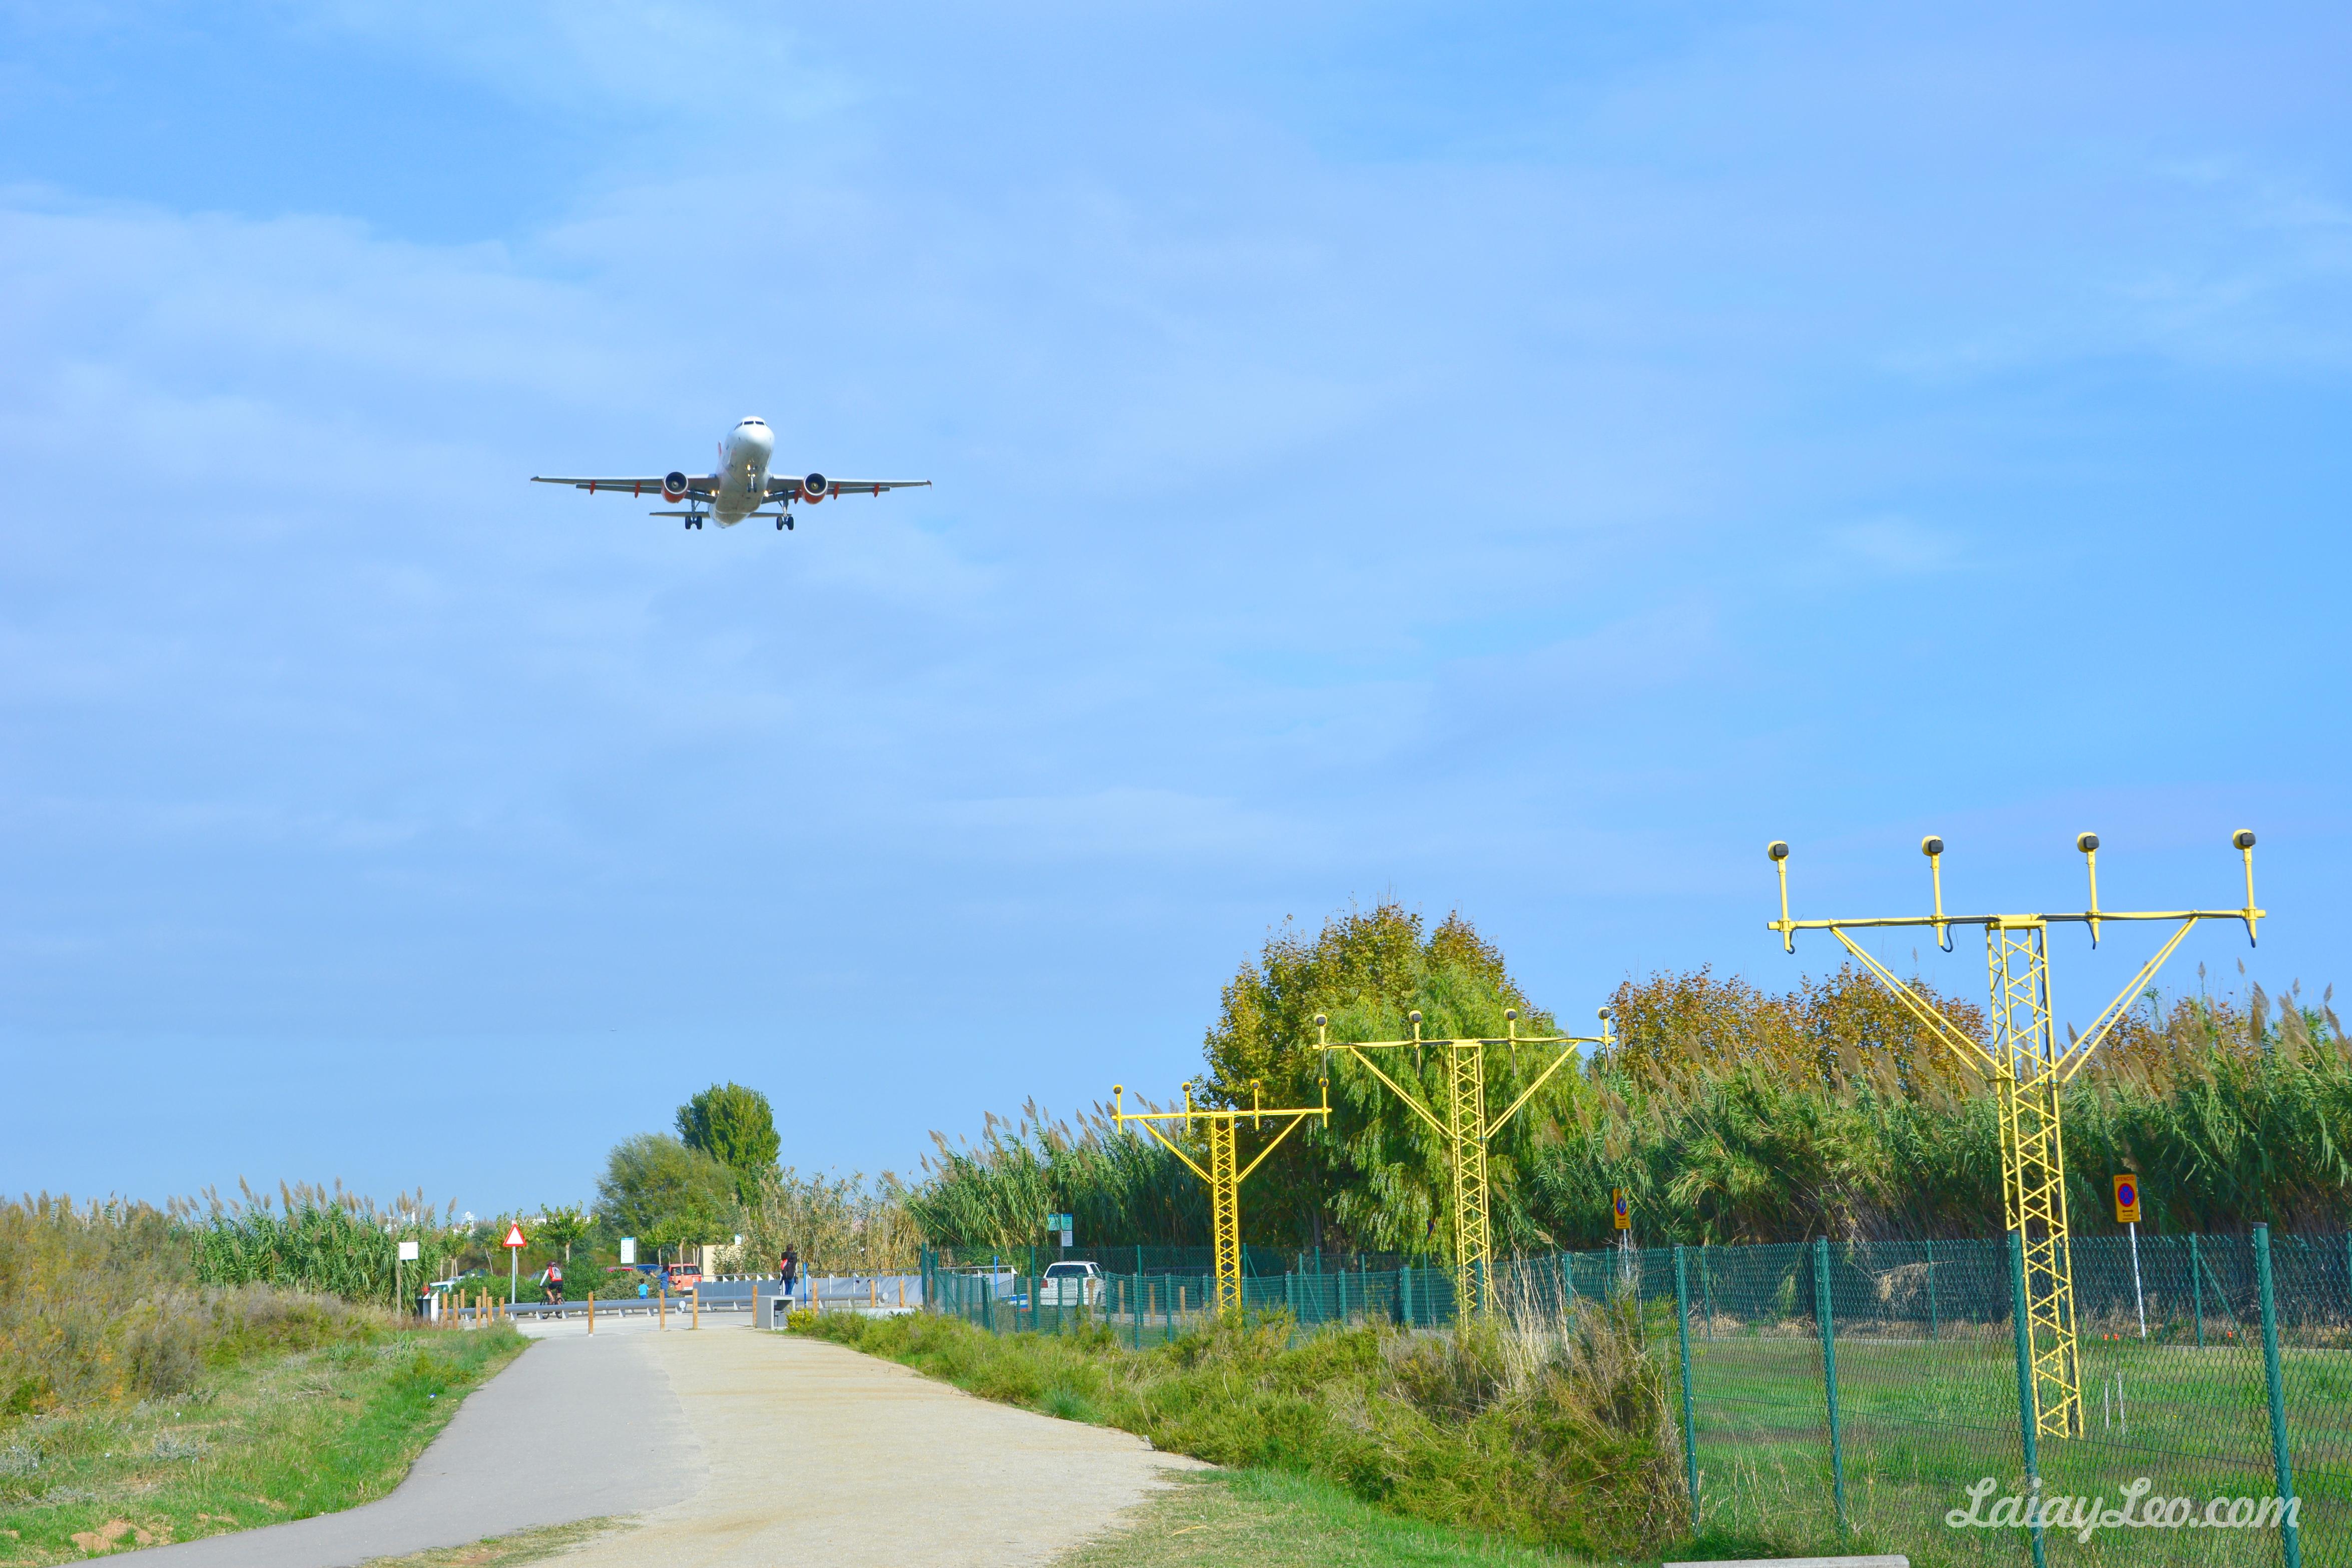 Mirador del aeropuerto Barcelona - El Prat 09